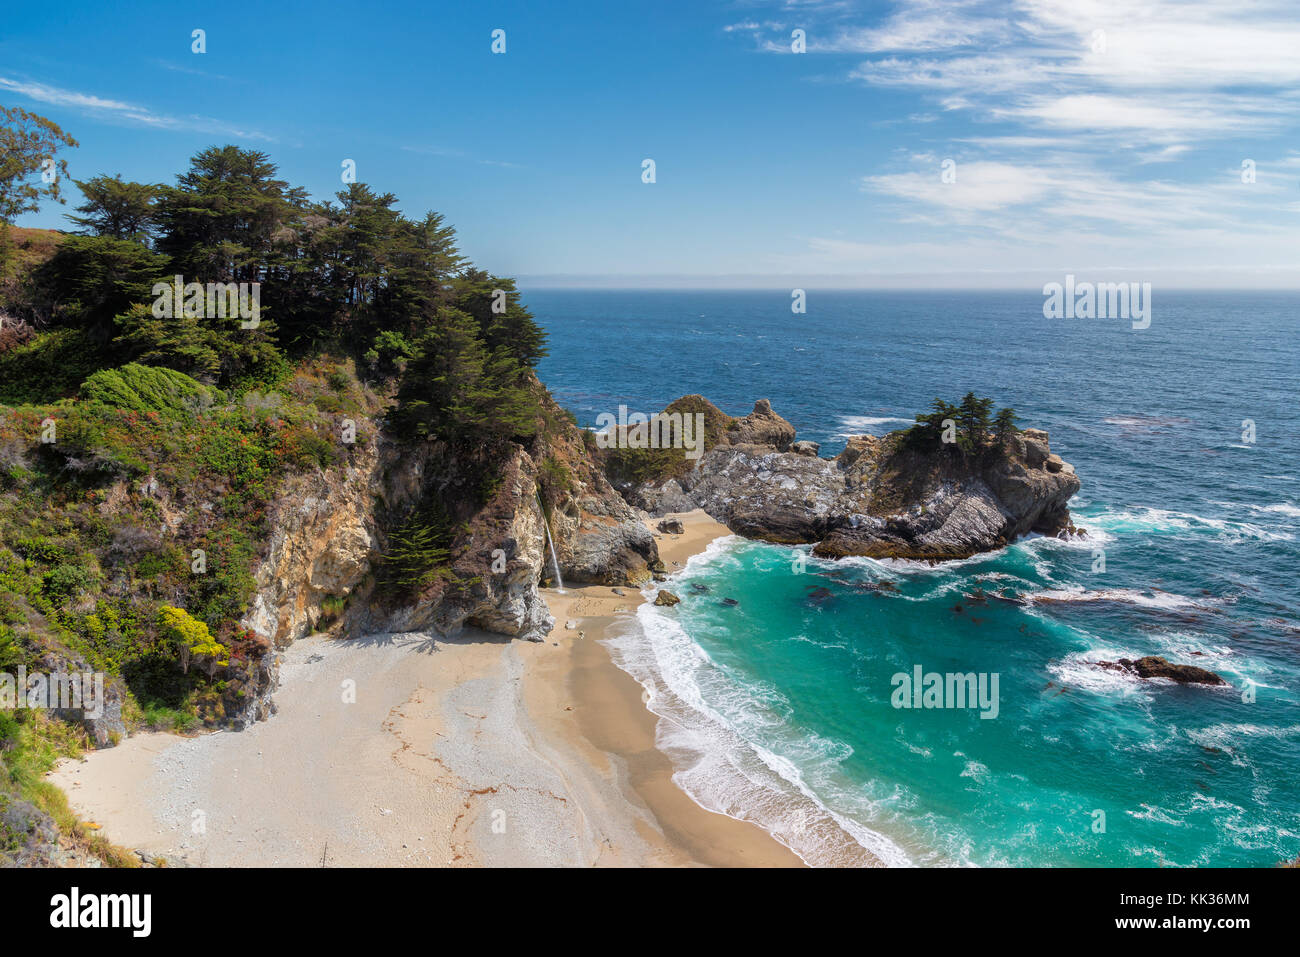 Plage de l'océan pacifique et chutes en califirnia Photo Stock